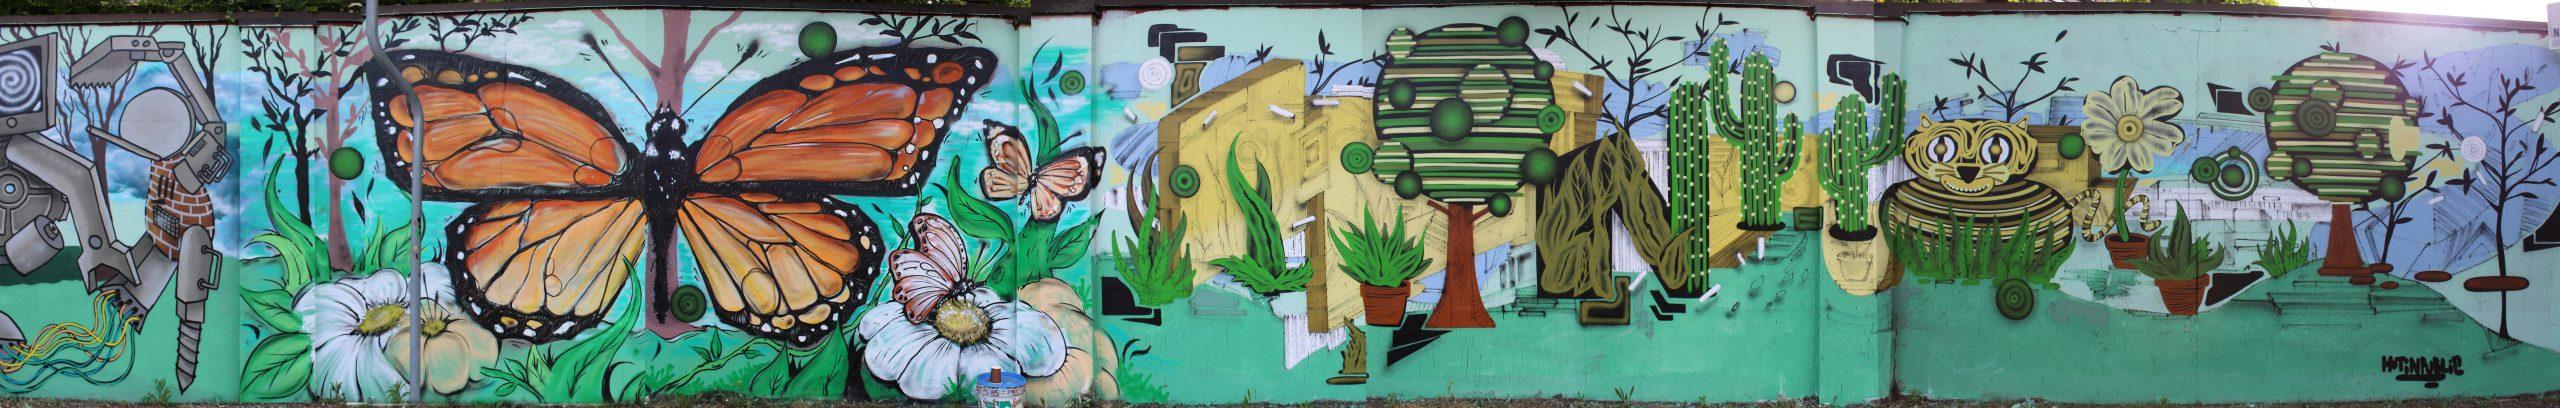 striscia-murales_02